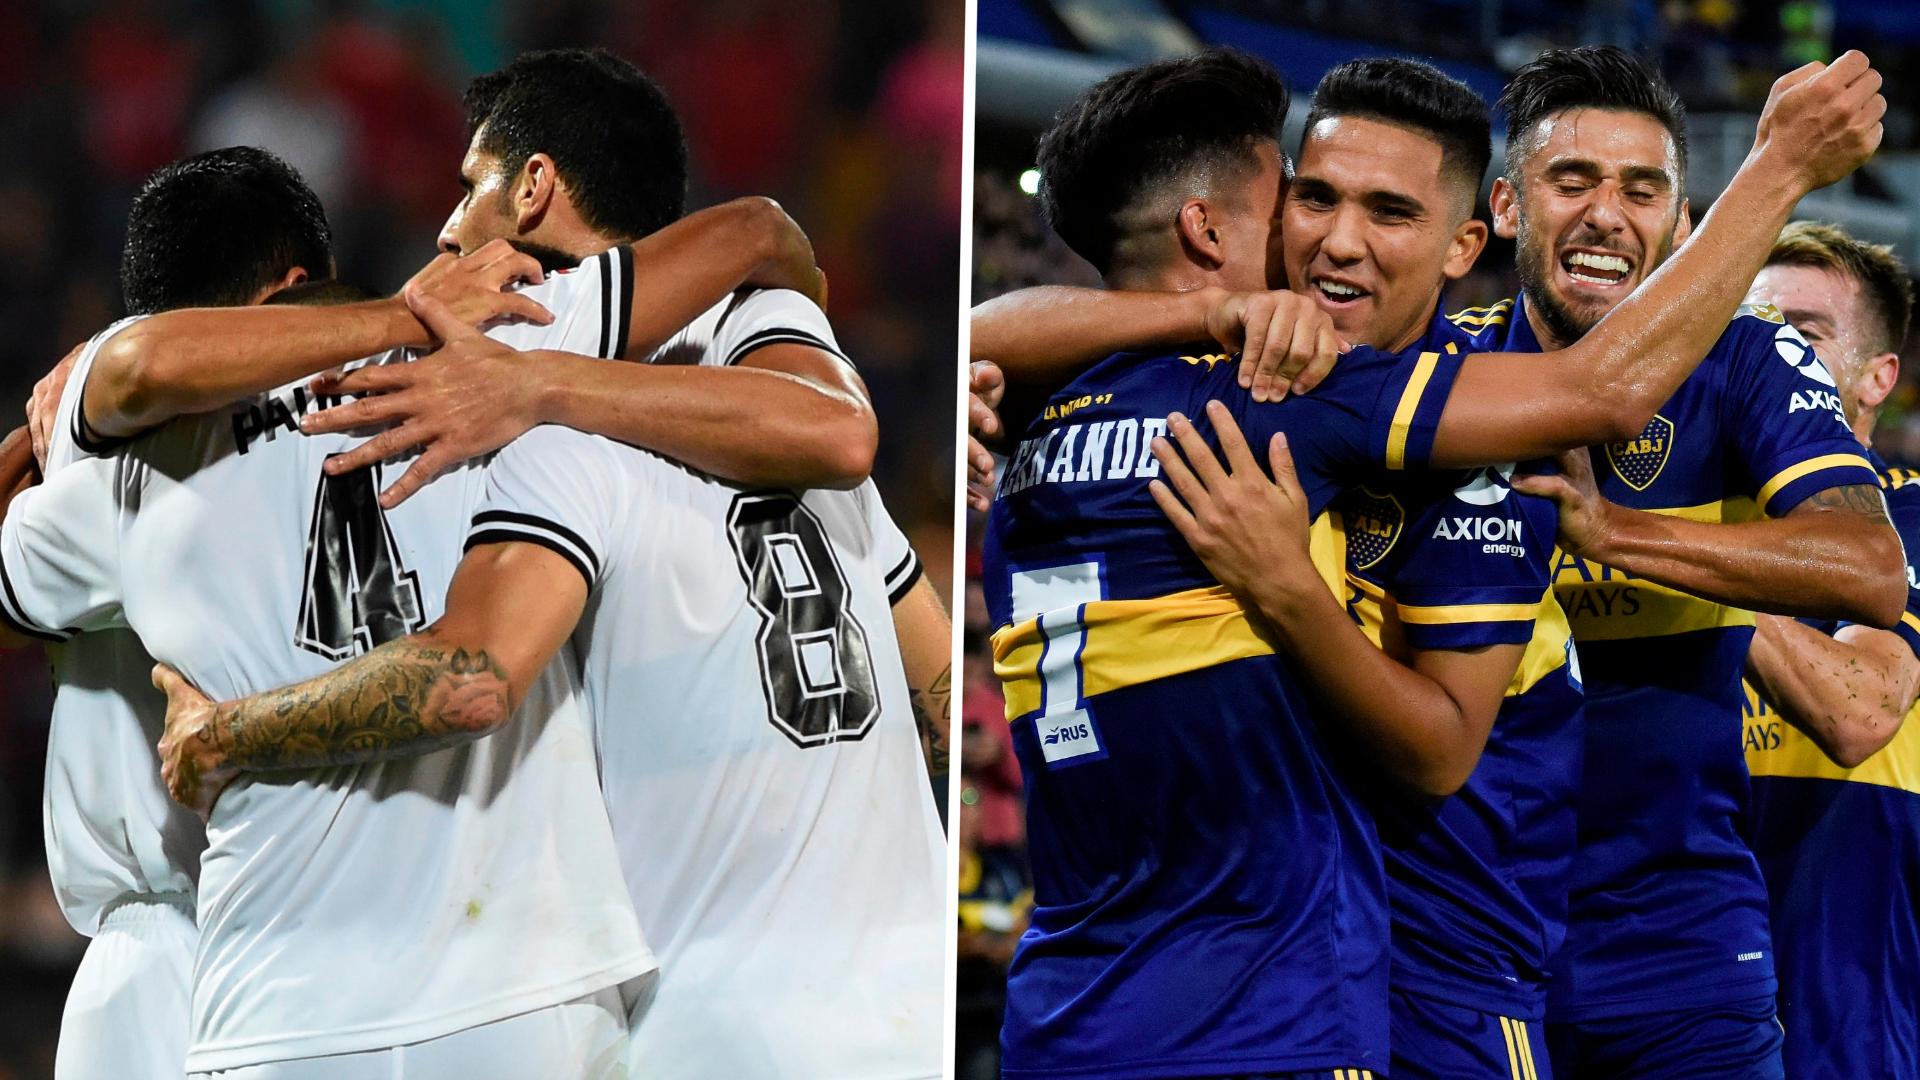 Libertad x Boca com jogadores positivos para Covid-19? Entenda caso que  pode parar na Justiça | Goal.com